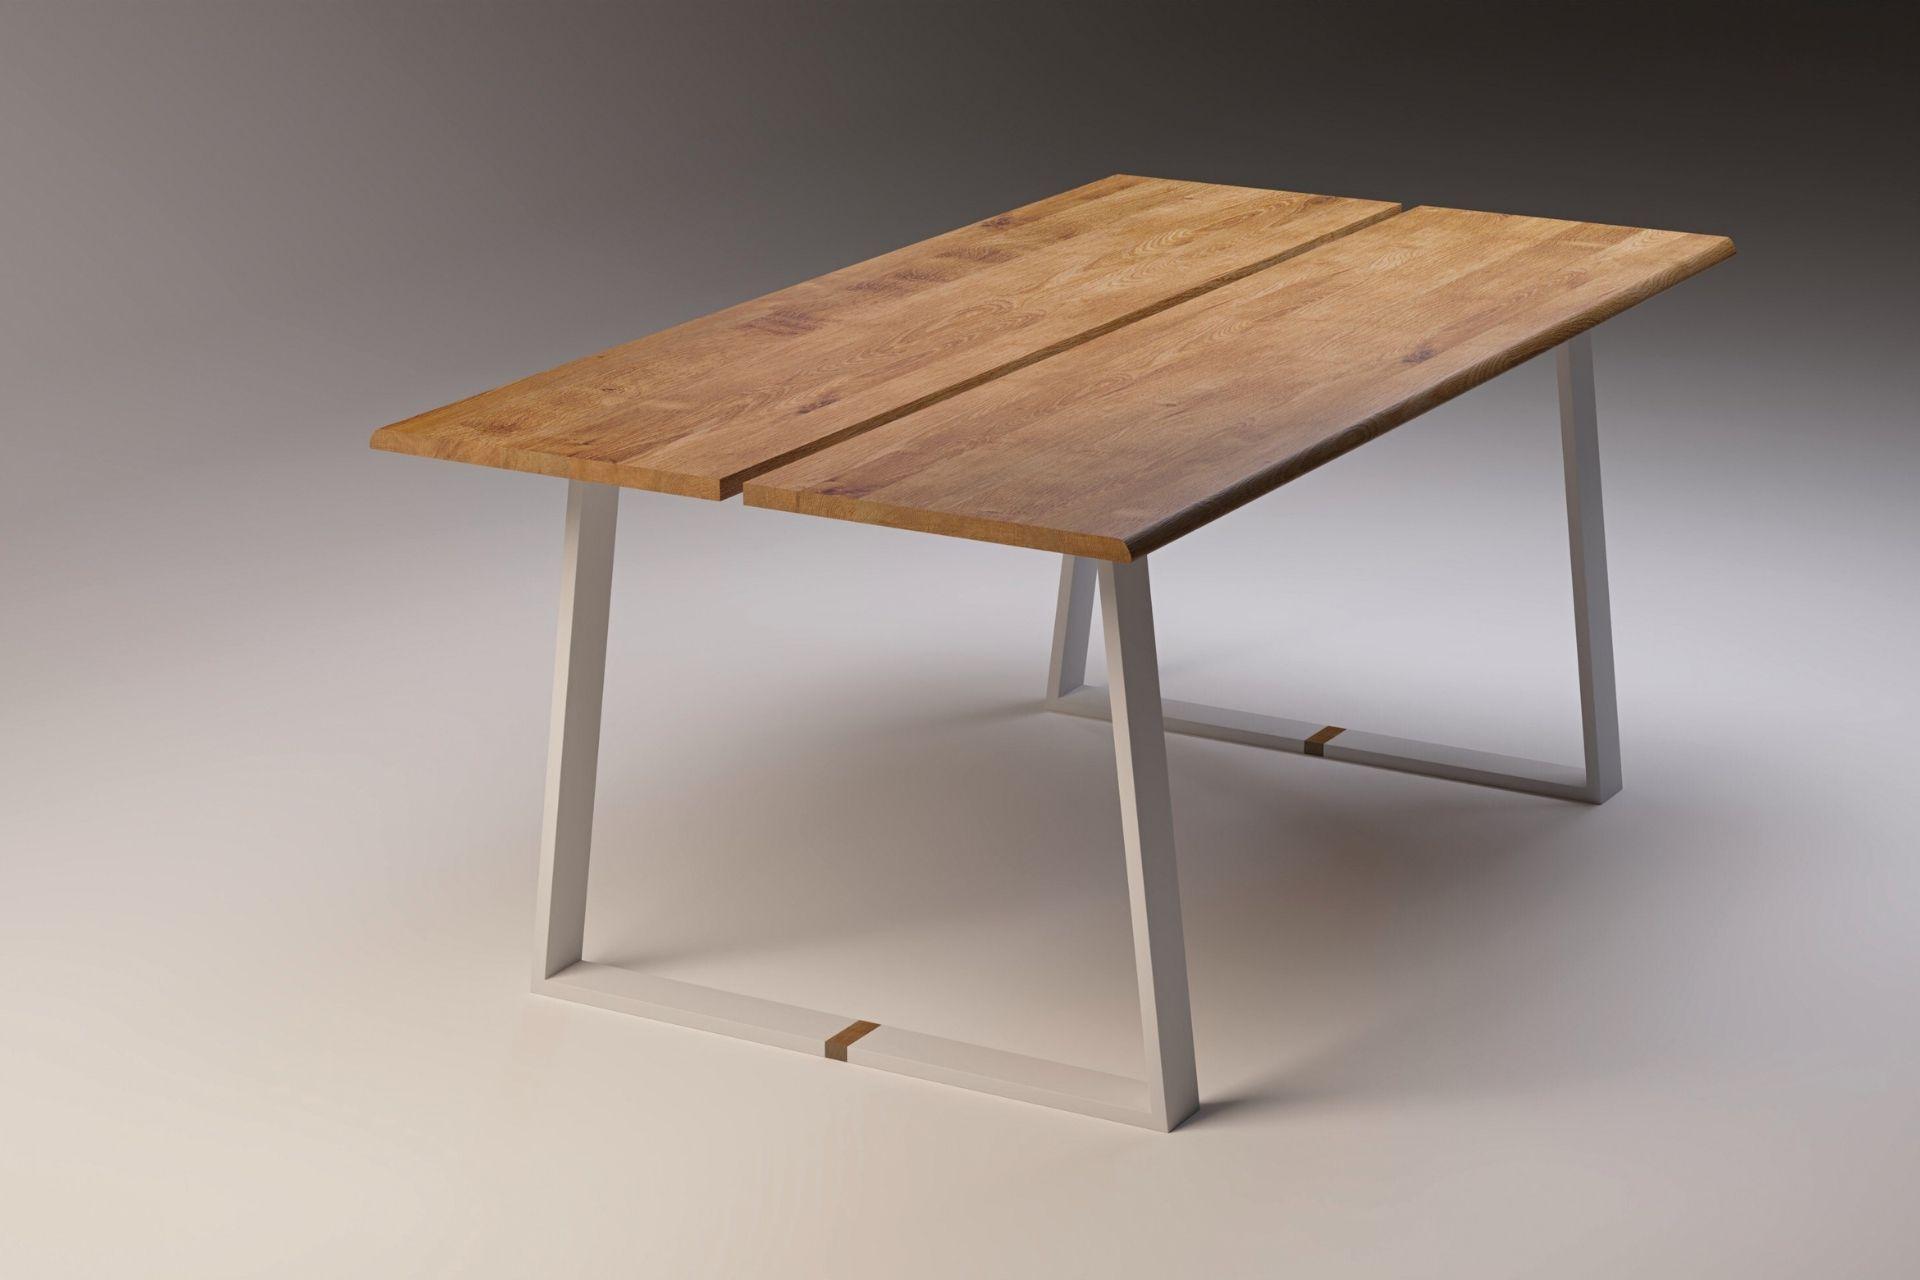 2_SLICE WHITE Moderner Esstisch aus Massivholz weiß